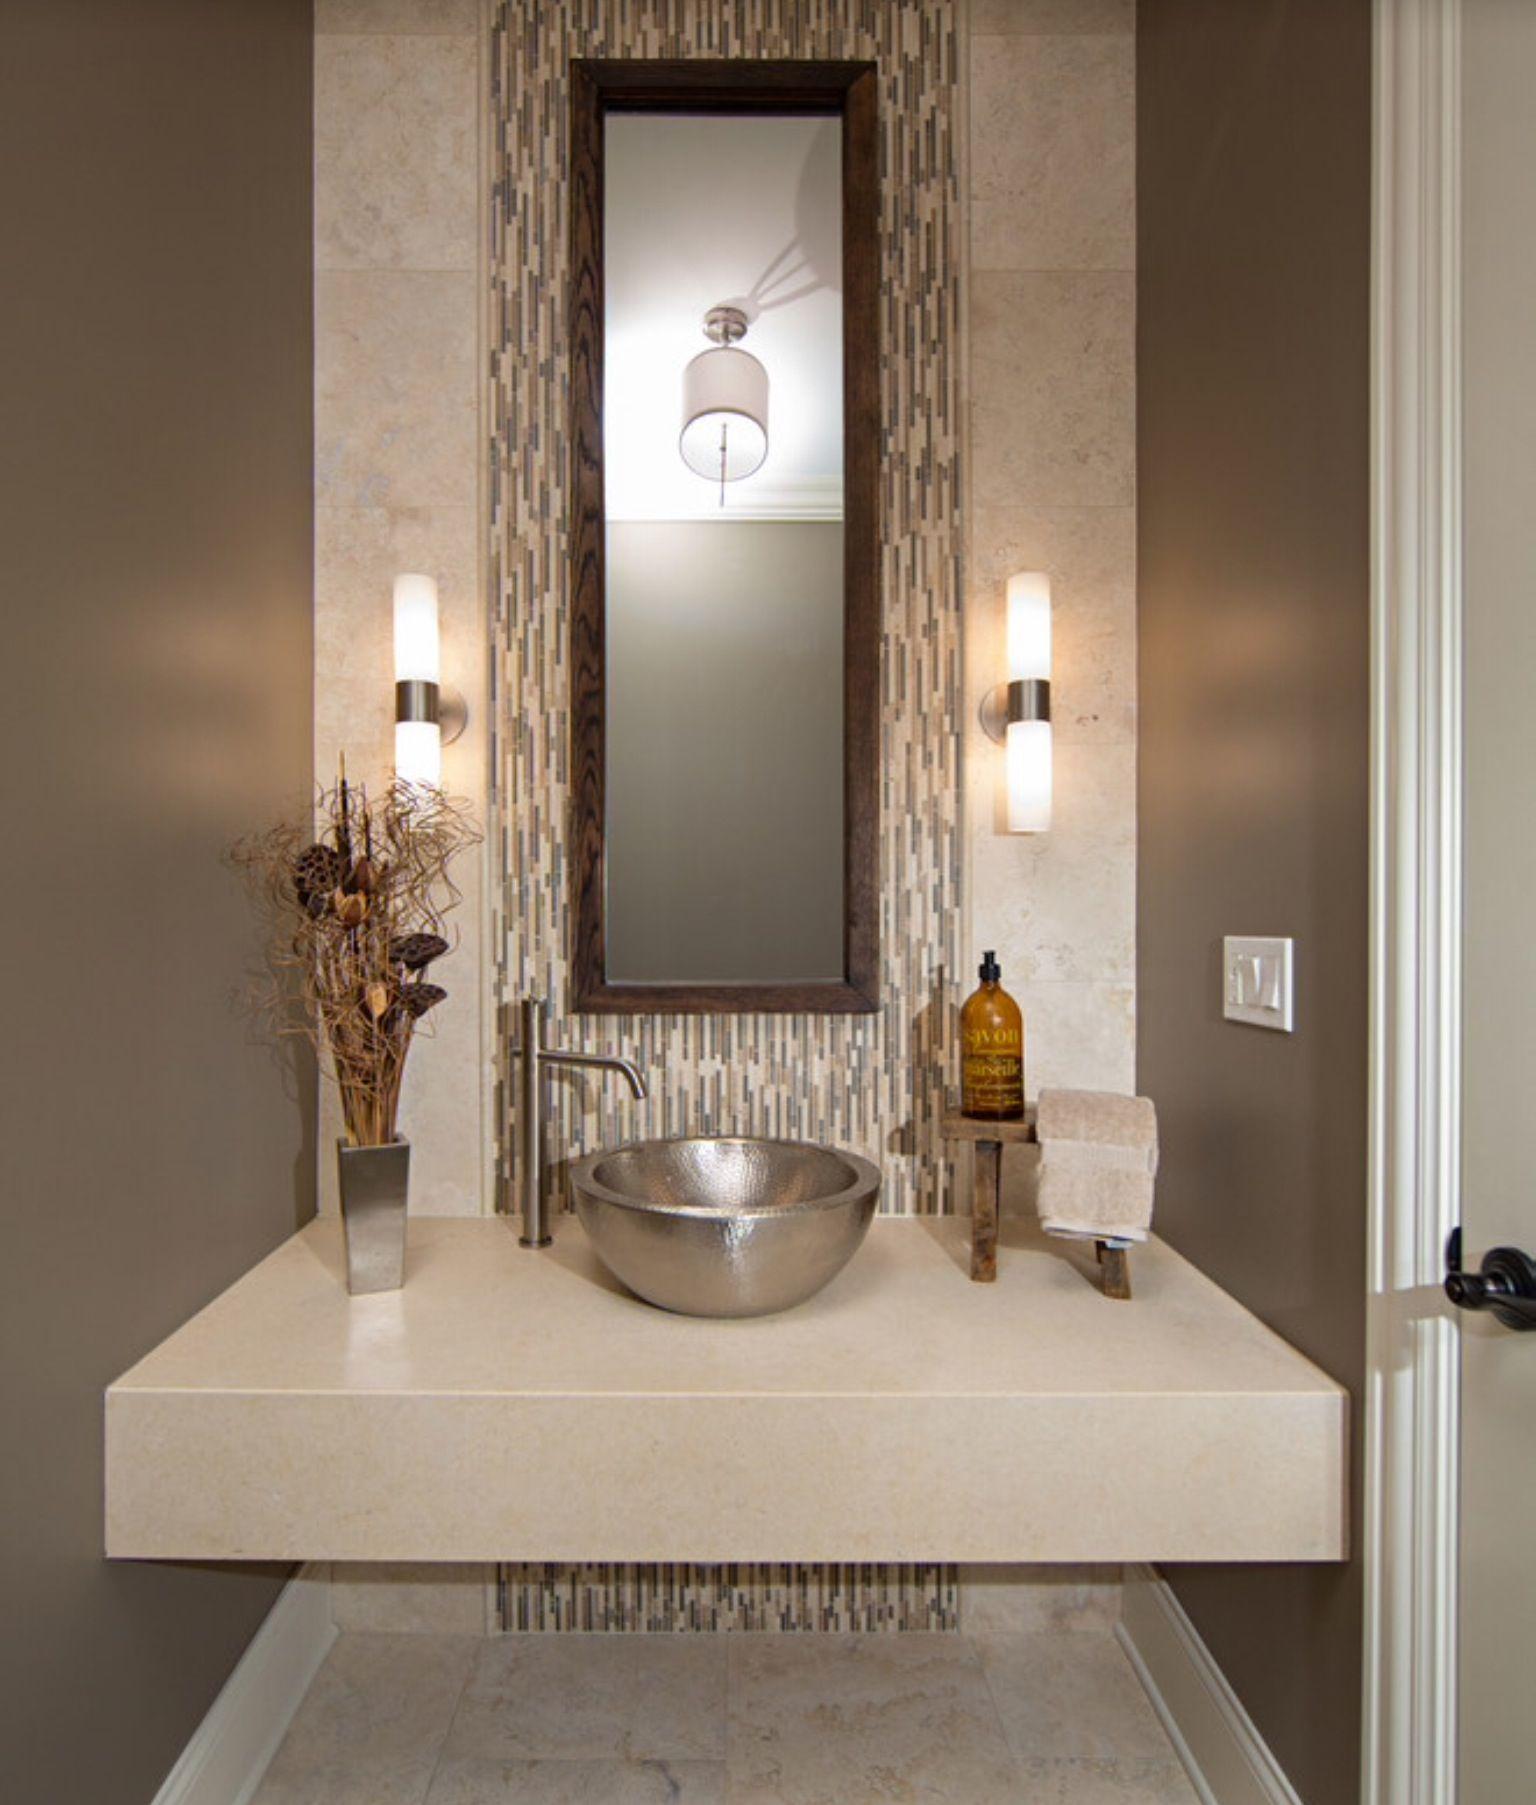 Espejo baño visitas.   deco baños   Pinterest   Espejo, Baños y Baño